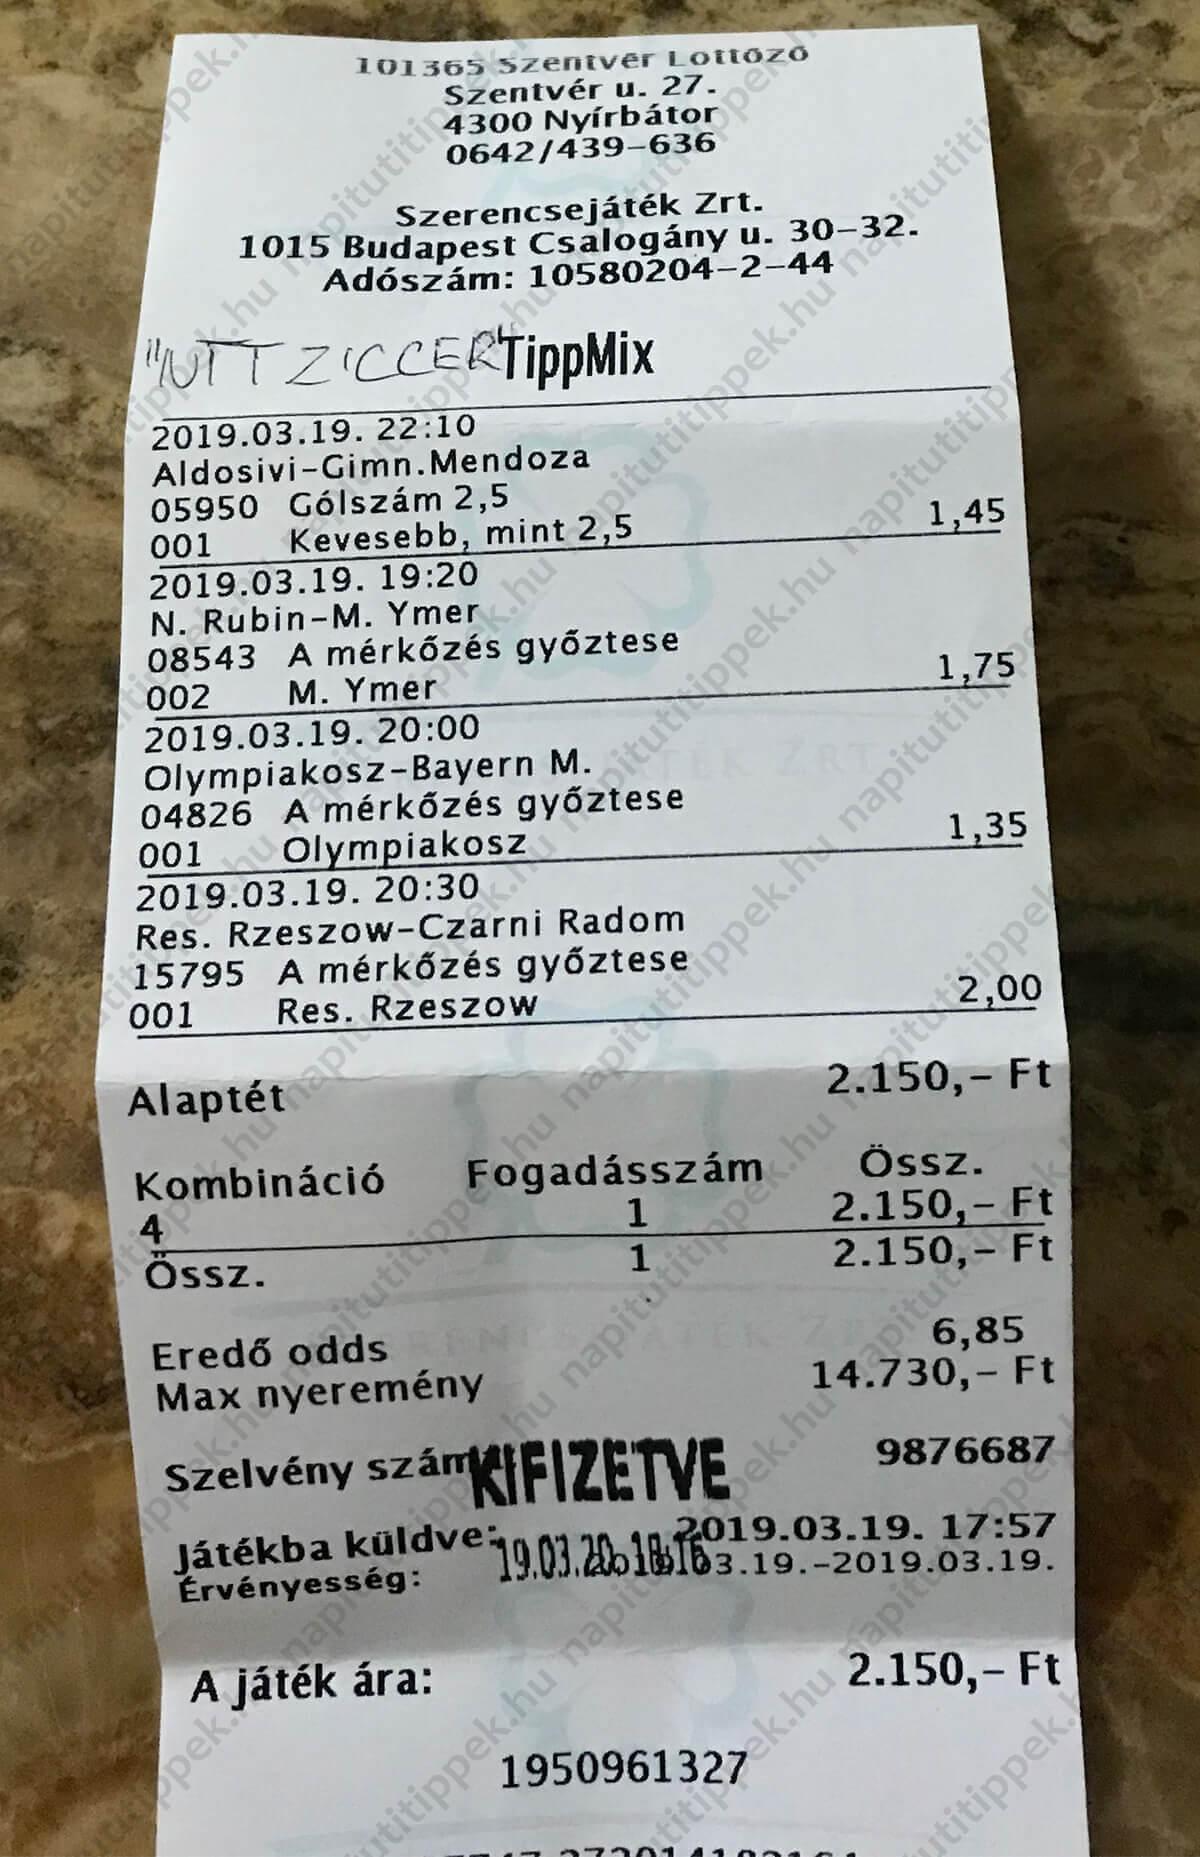 Komplett Tippmix szelvényötletek naponta sportfogadók számára: Tippmix tippek, mérkőzés elemzések, statisztikai adatok. Napi ingyenes tippek. Csatlakozz Magyarország legsikeresebb sportfogadó csapatához!